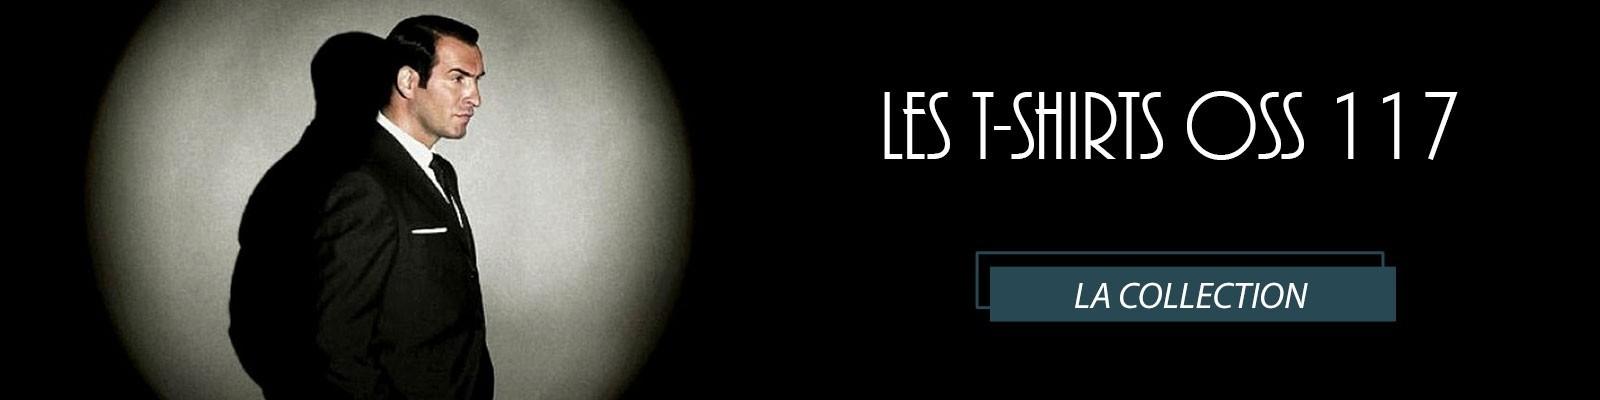 Sacré Hubert : N°1 des Tee-shirts OSS 117 | Livraison 24h